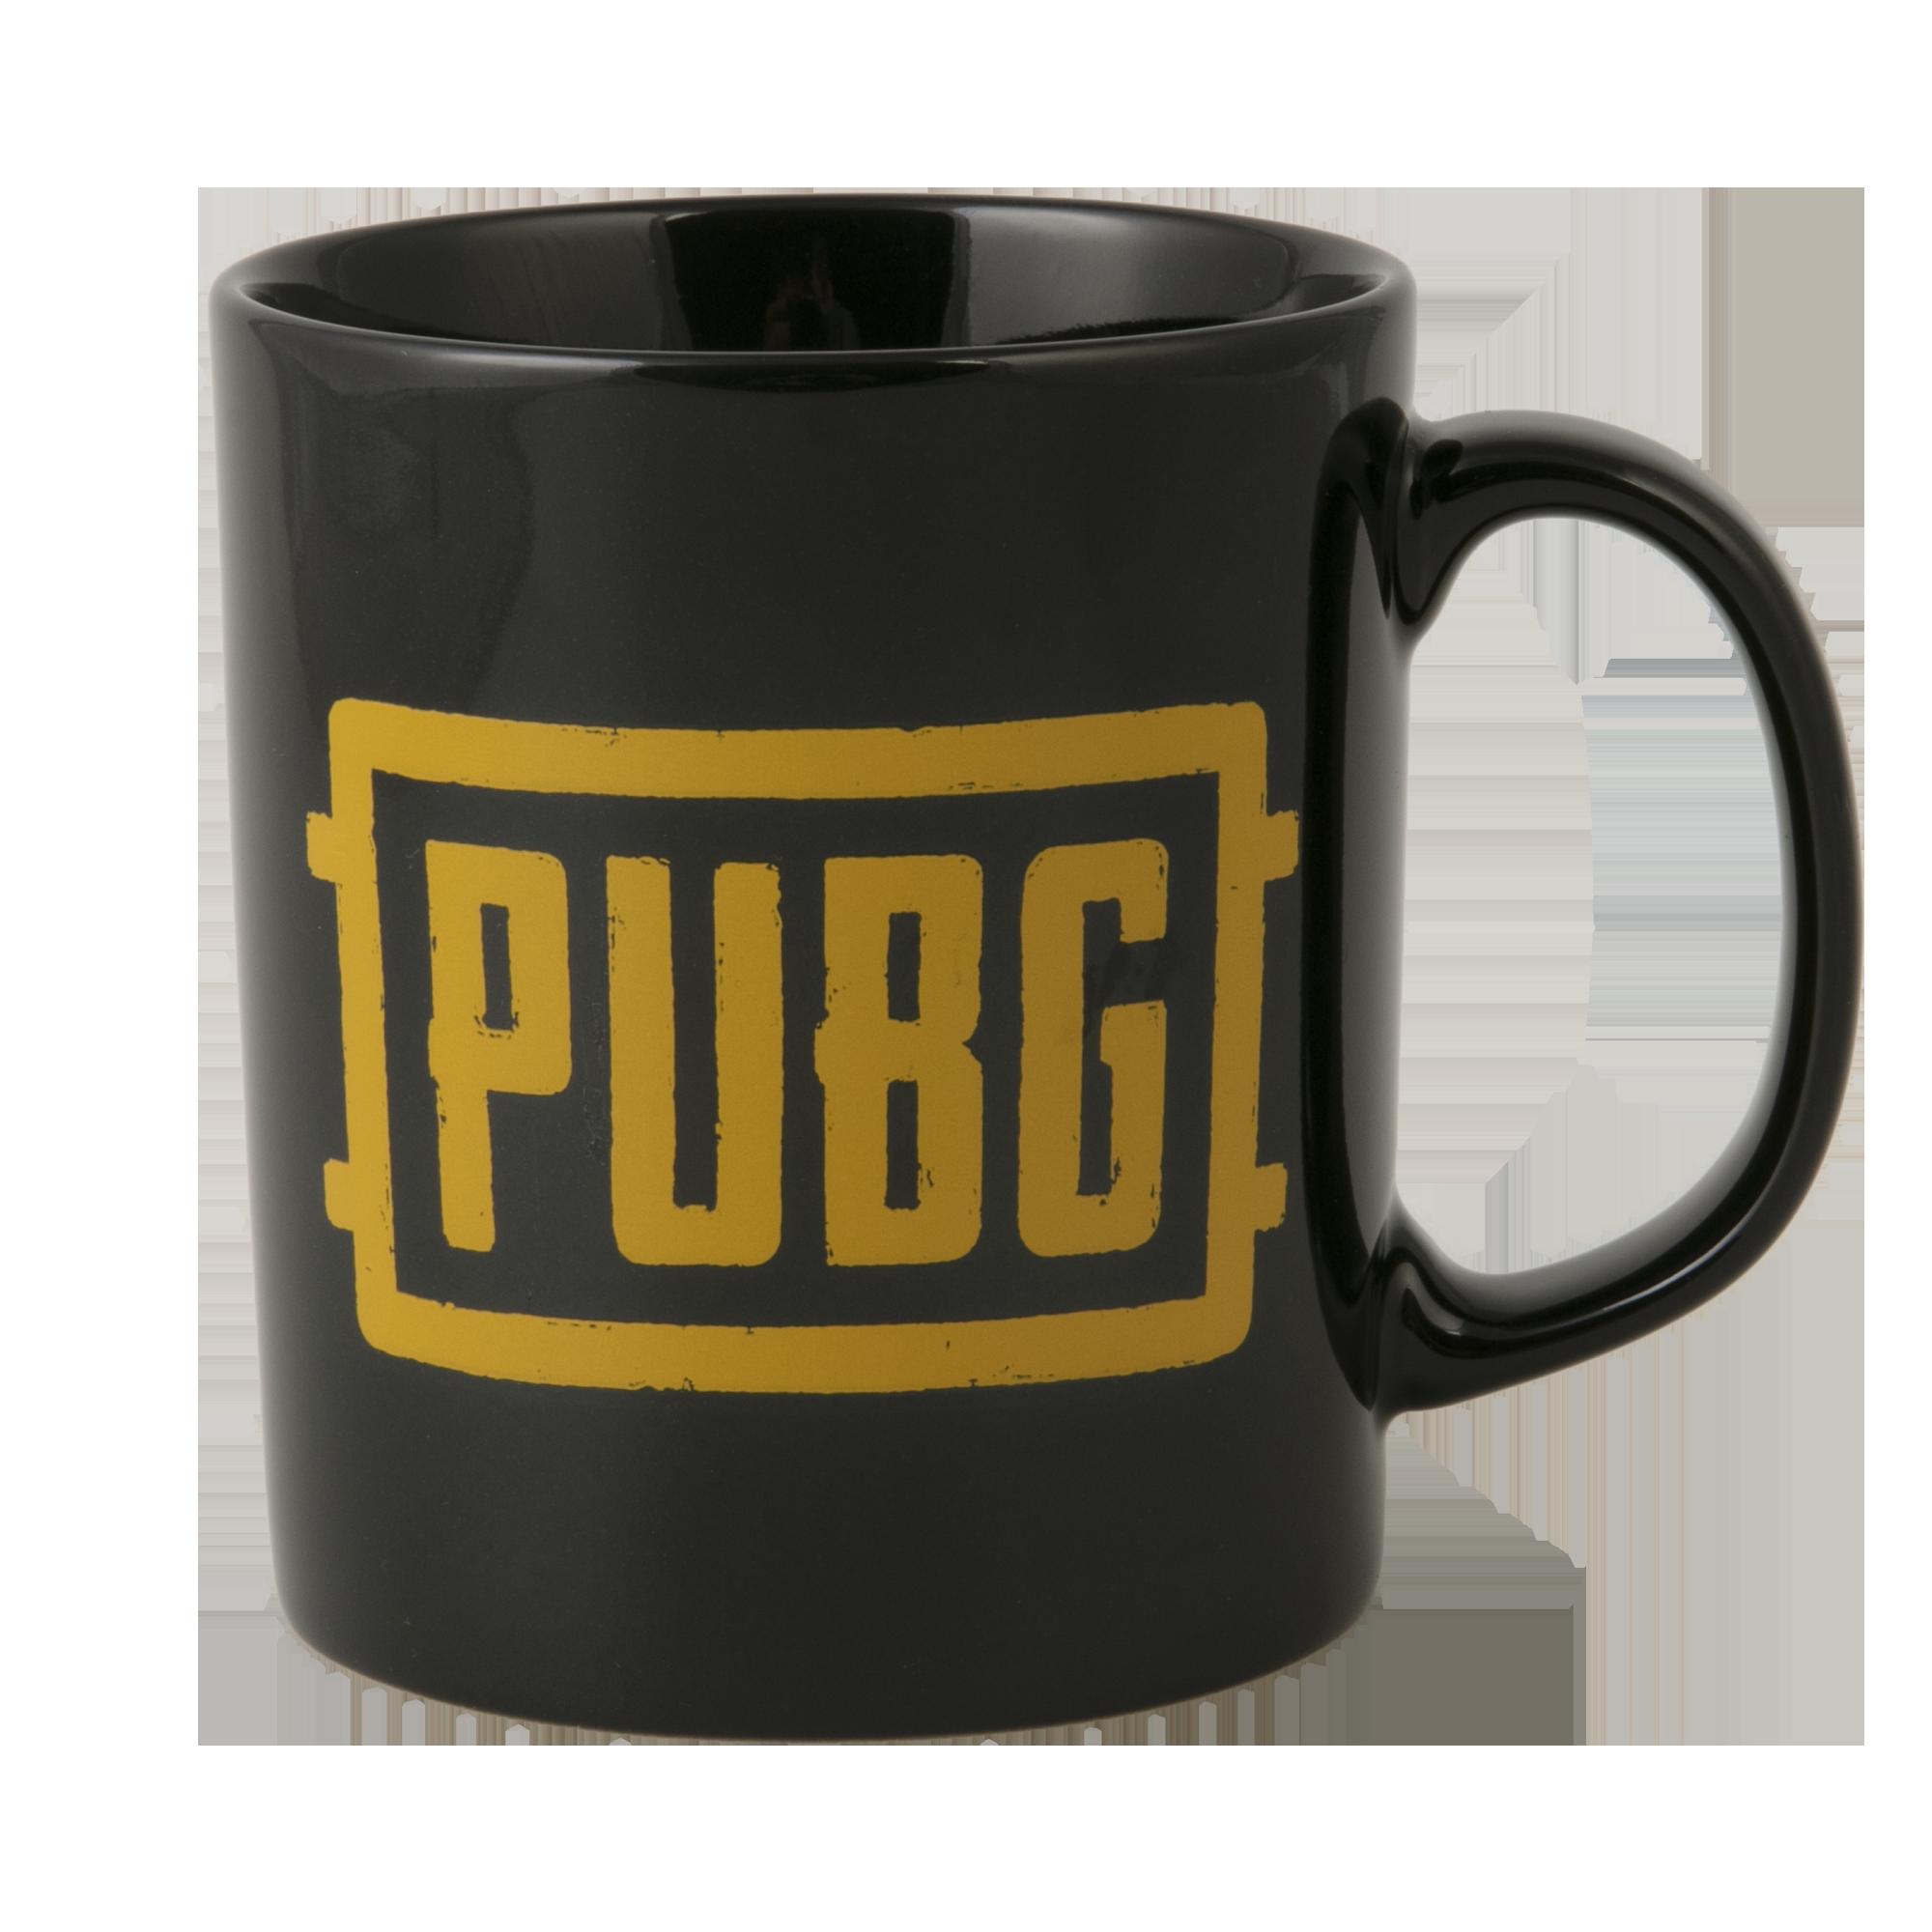 PUBG Logo Mug - Black/Orange